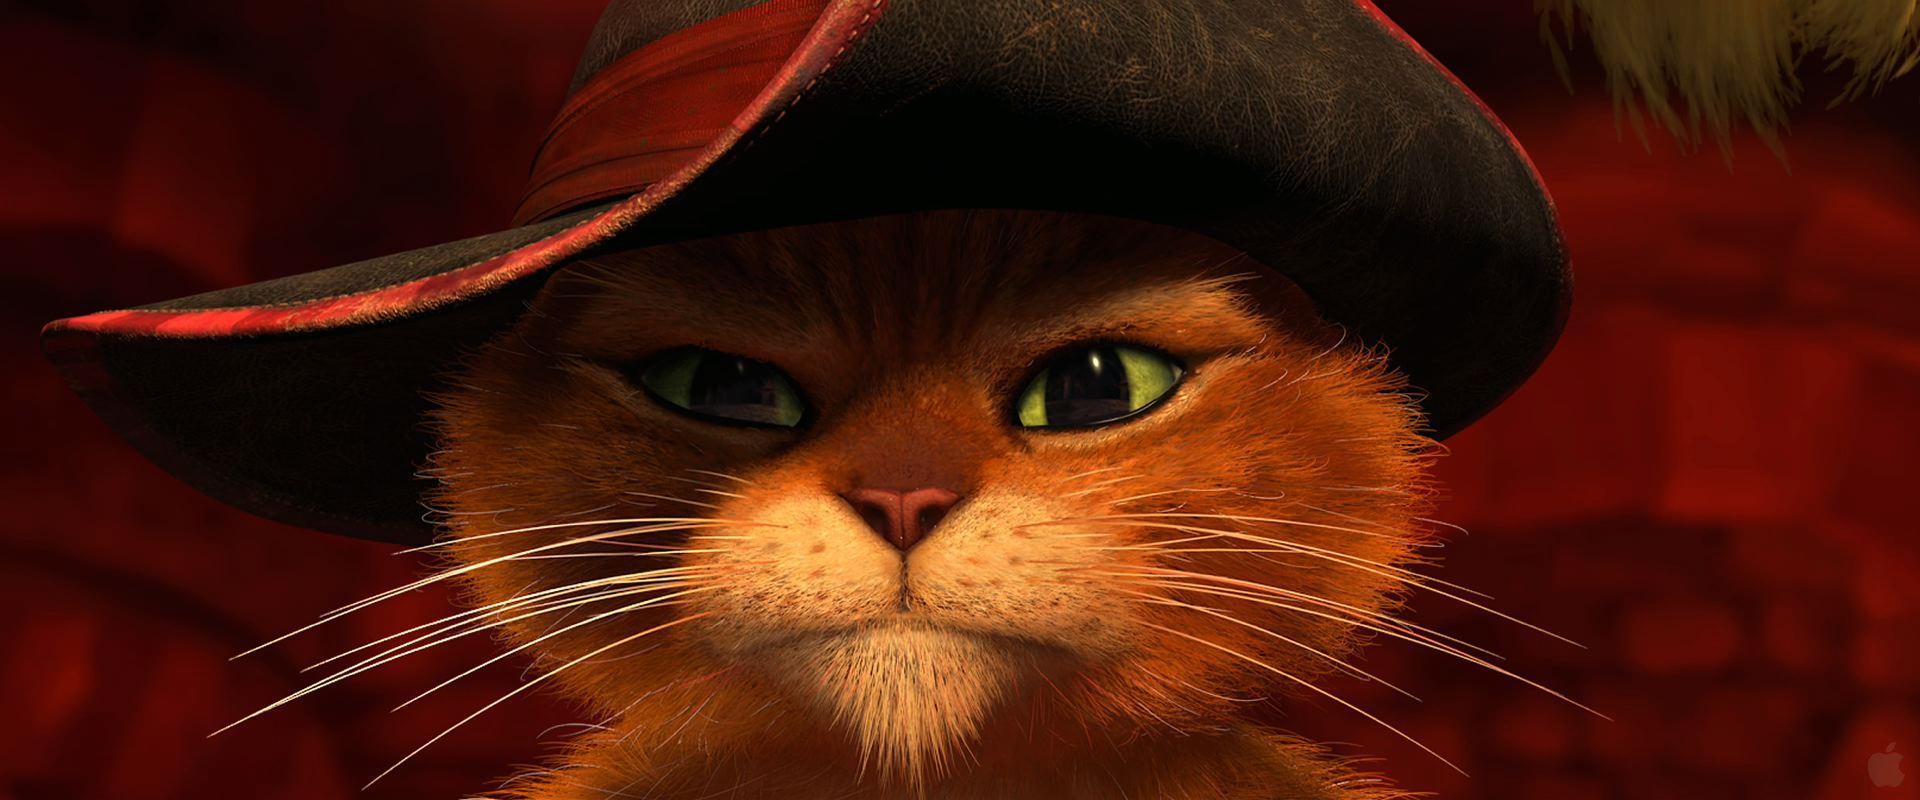 Кот в сапогах аватарка